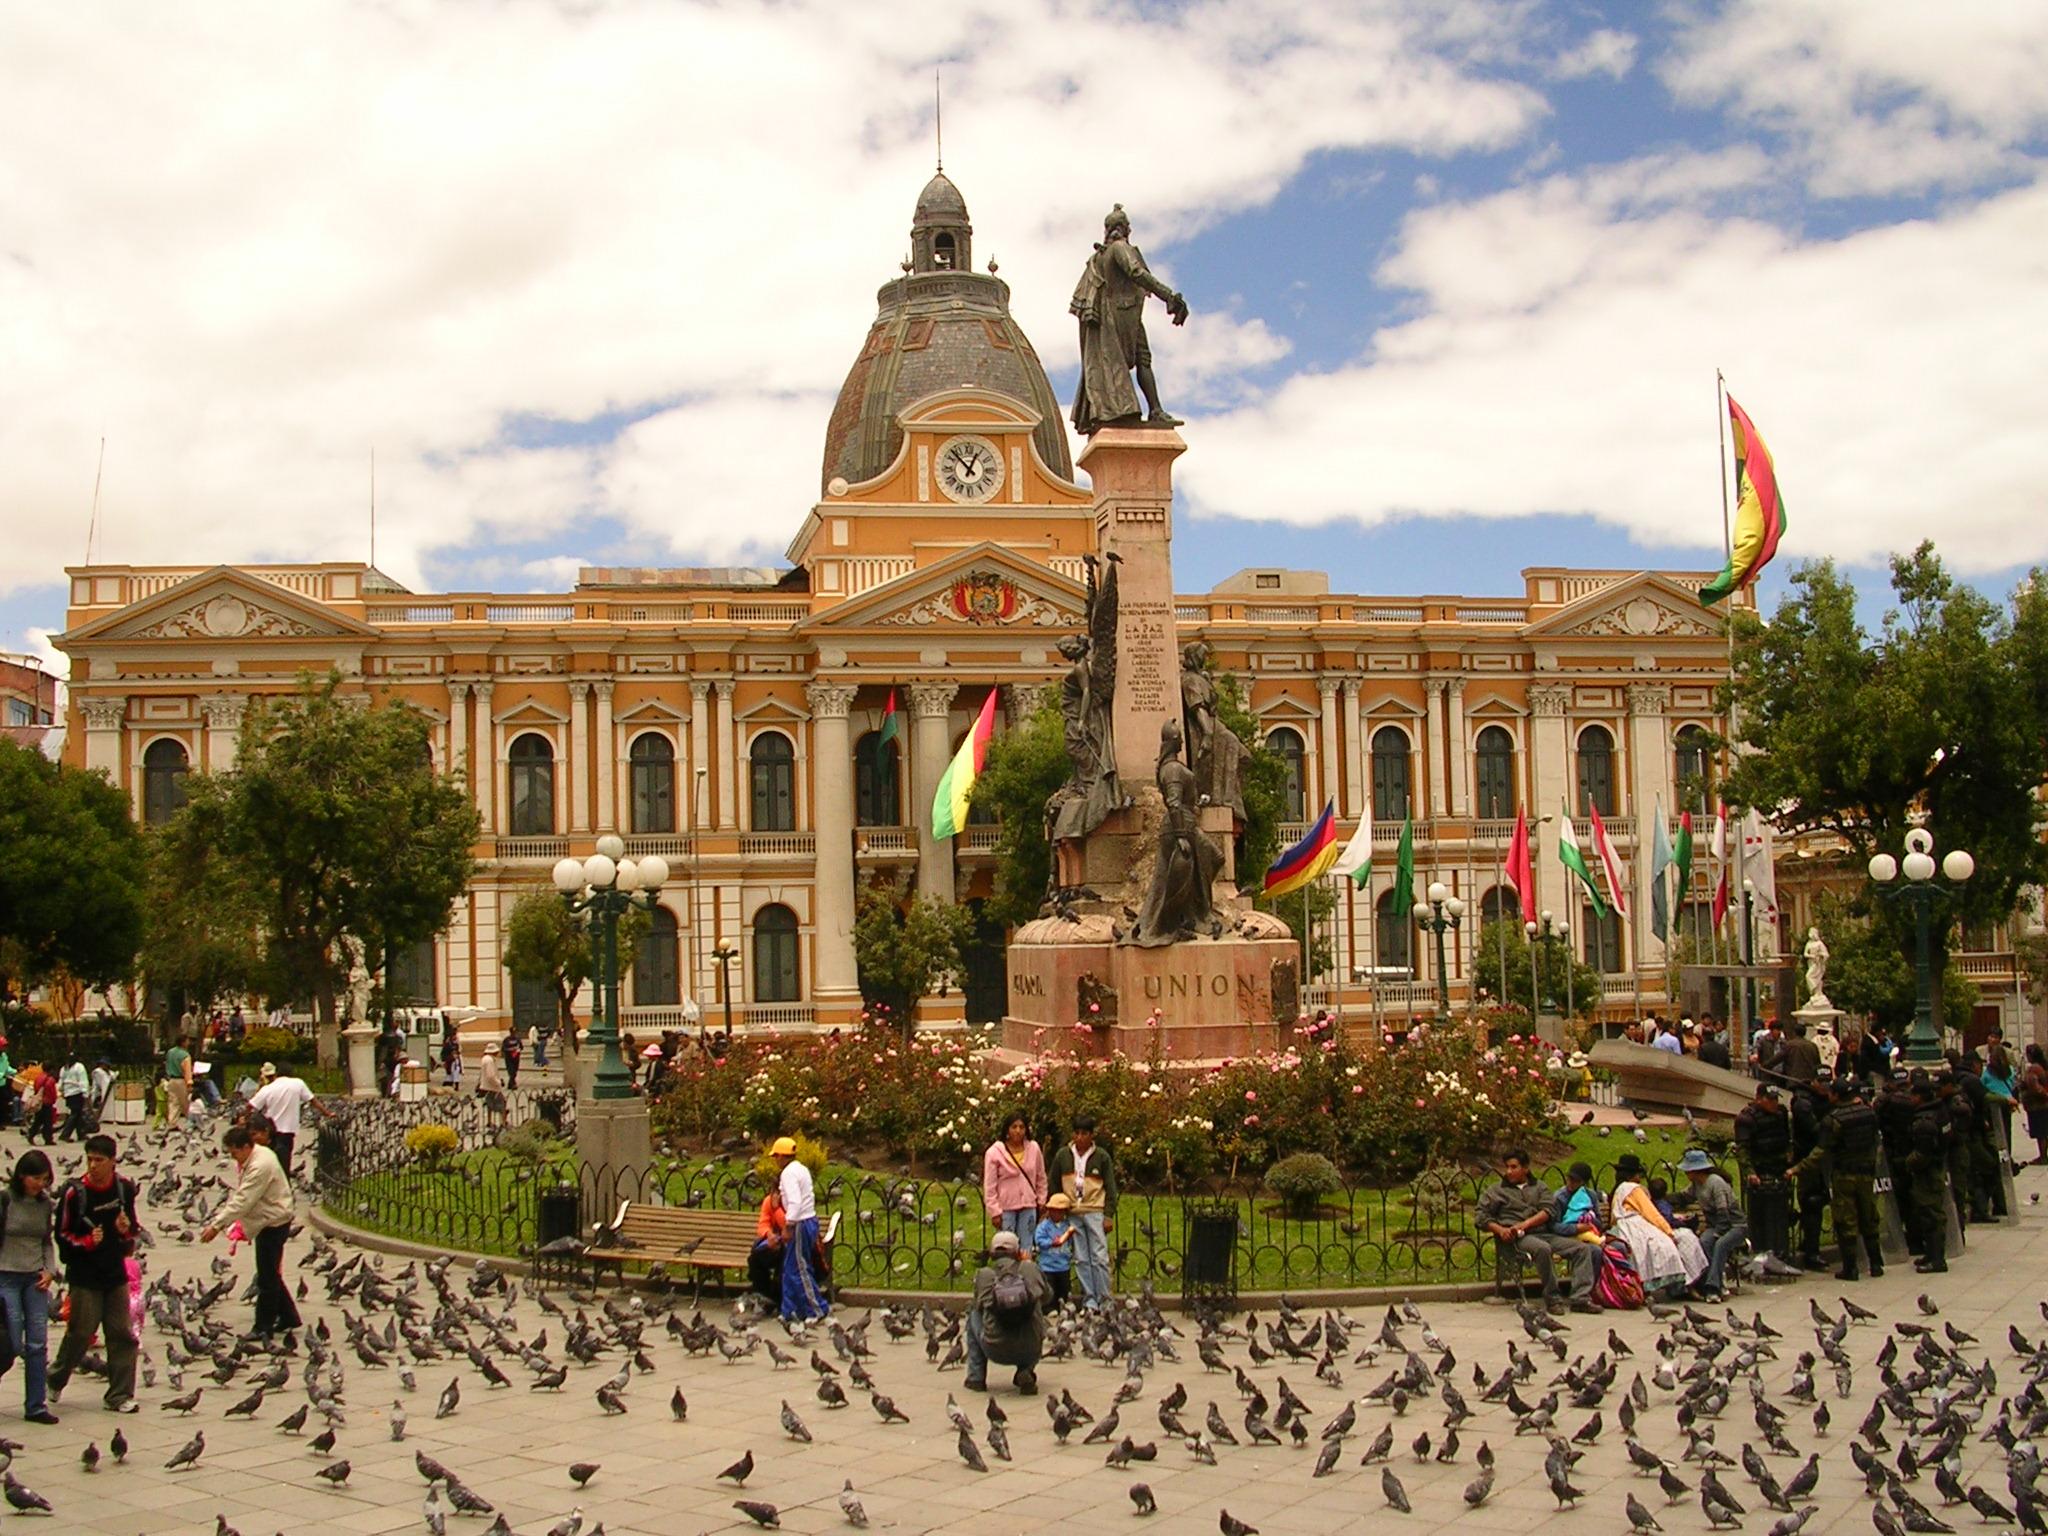 Plaza Murillo - Wikipedia, la enciclopedia libre